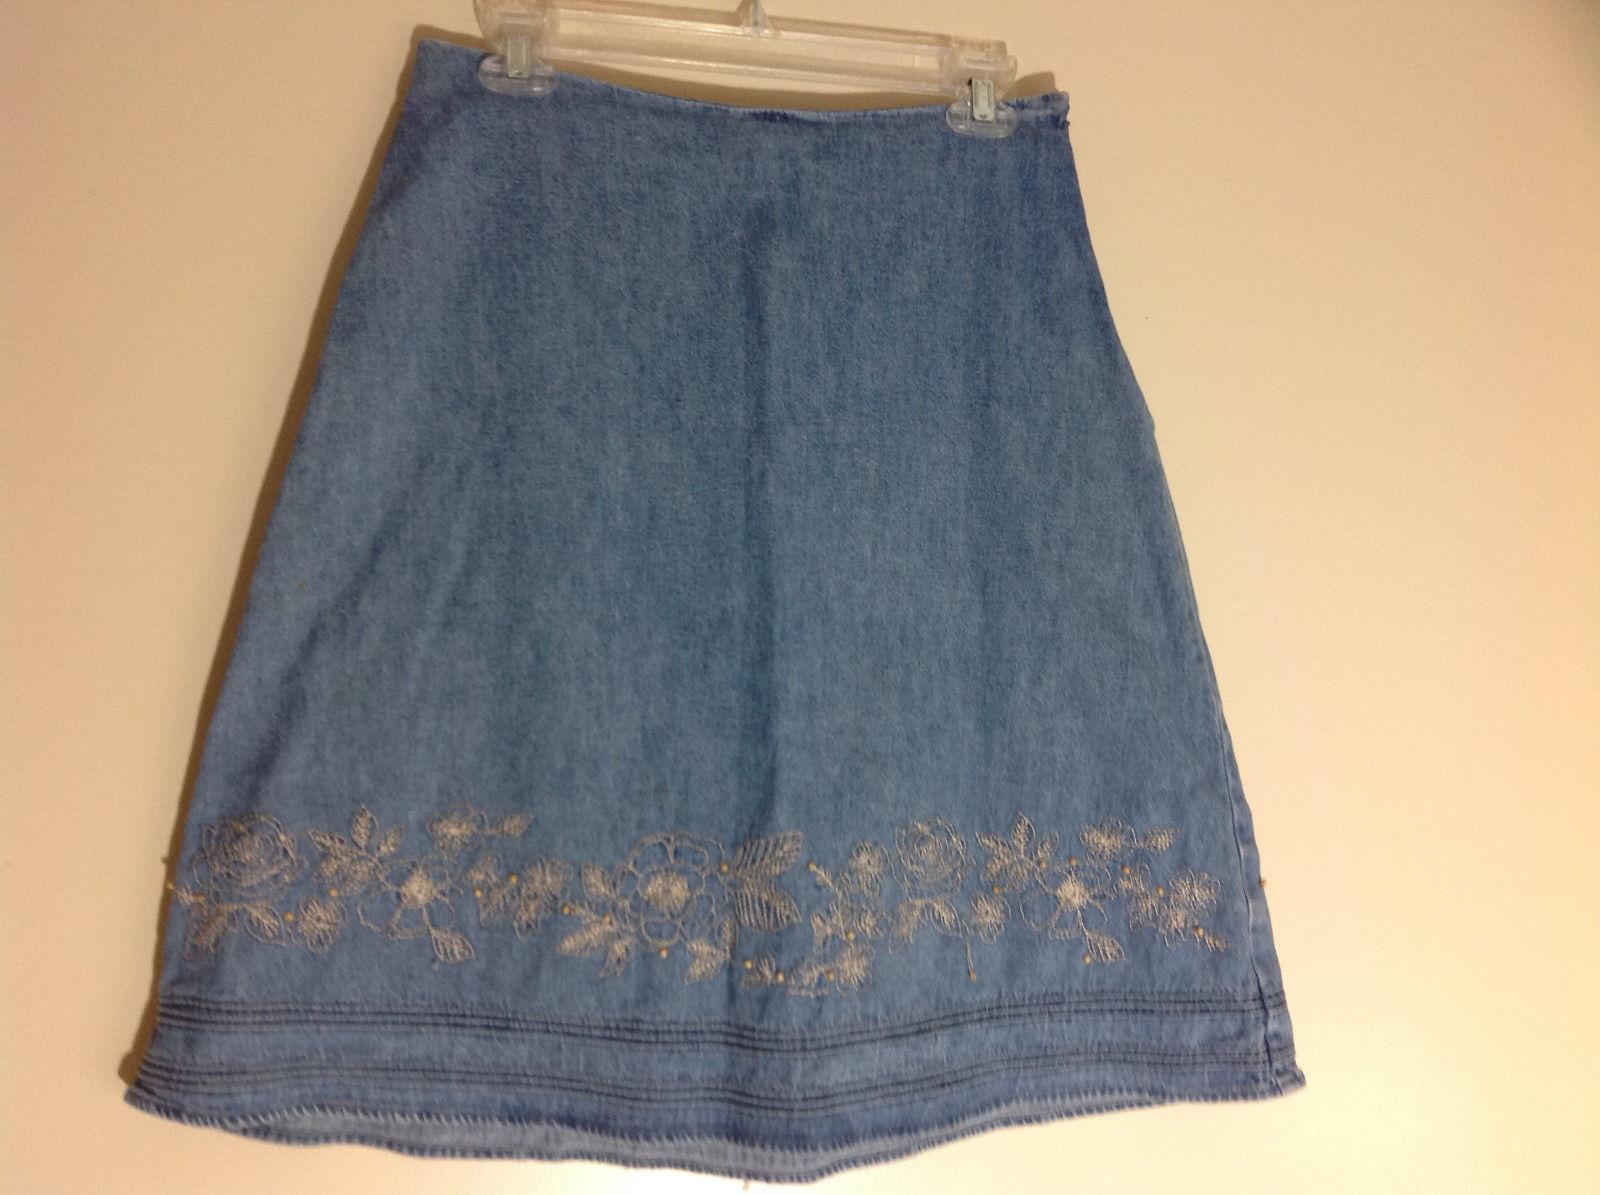 Christopher & Banks Jean Flower Embellished Mid Length Skirt Size 6